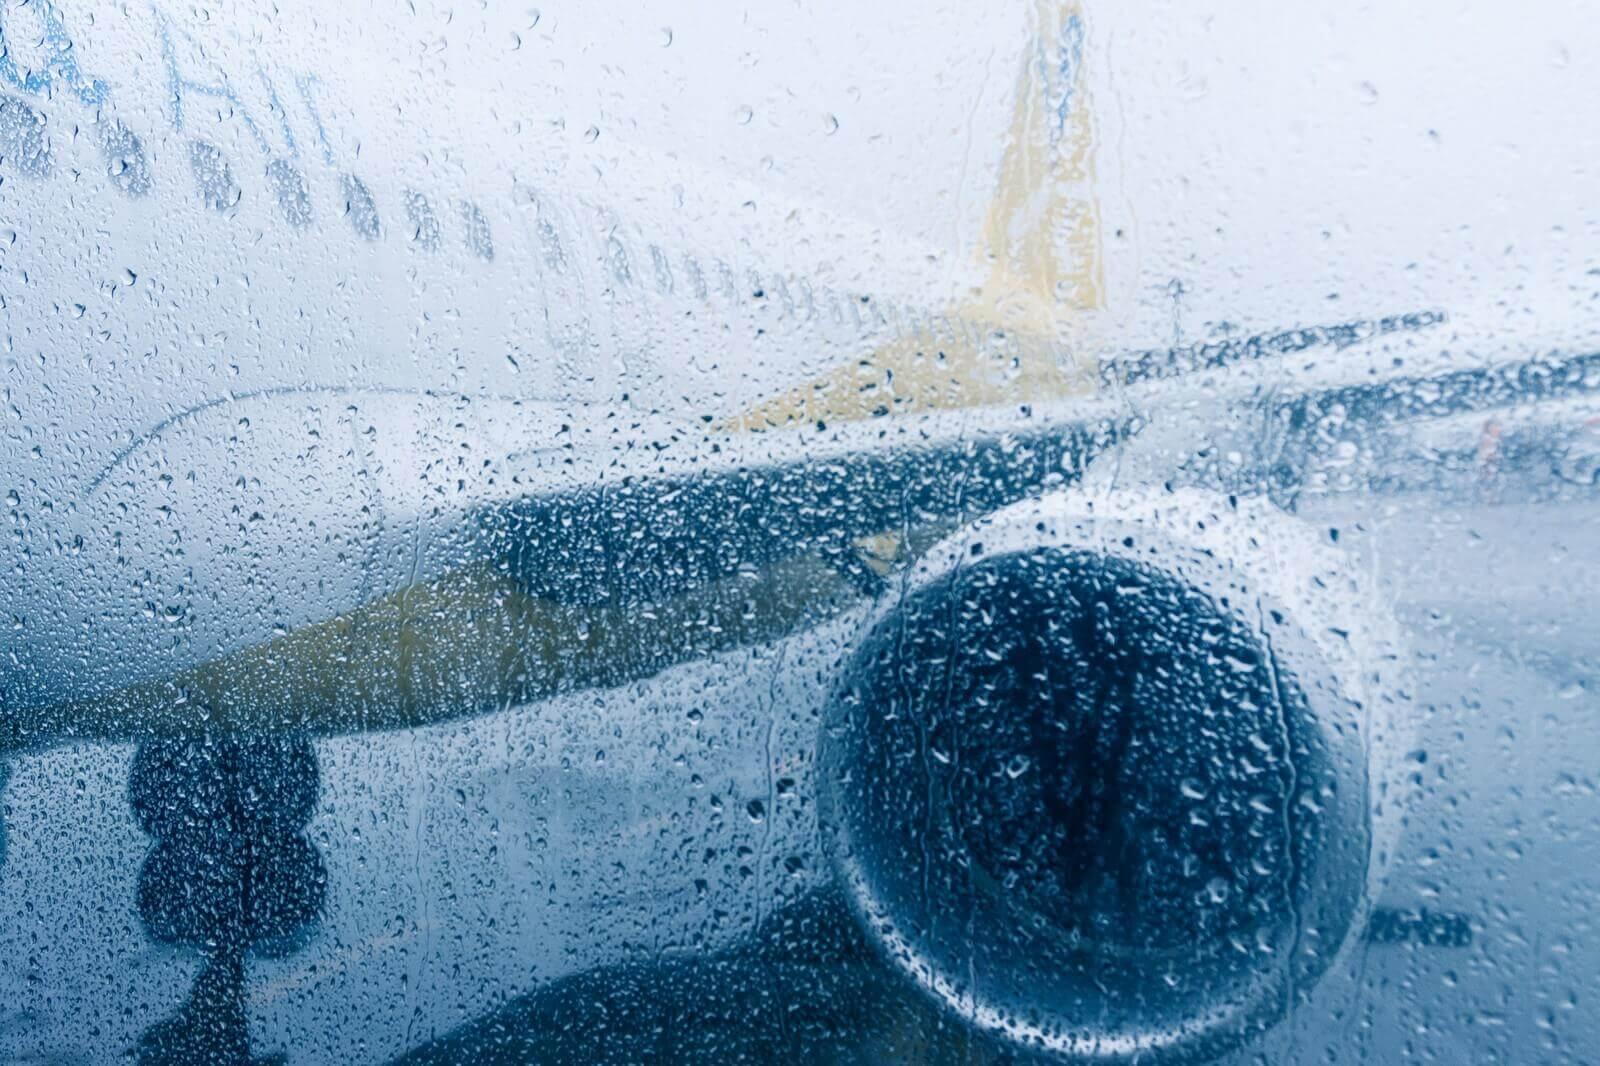 飛行機遅延時の対応に学ぶ、仕事の危機管理をする上で大切なこと